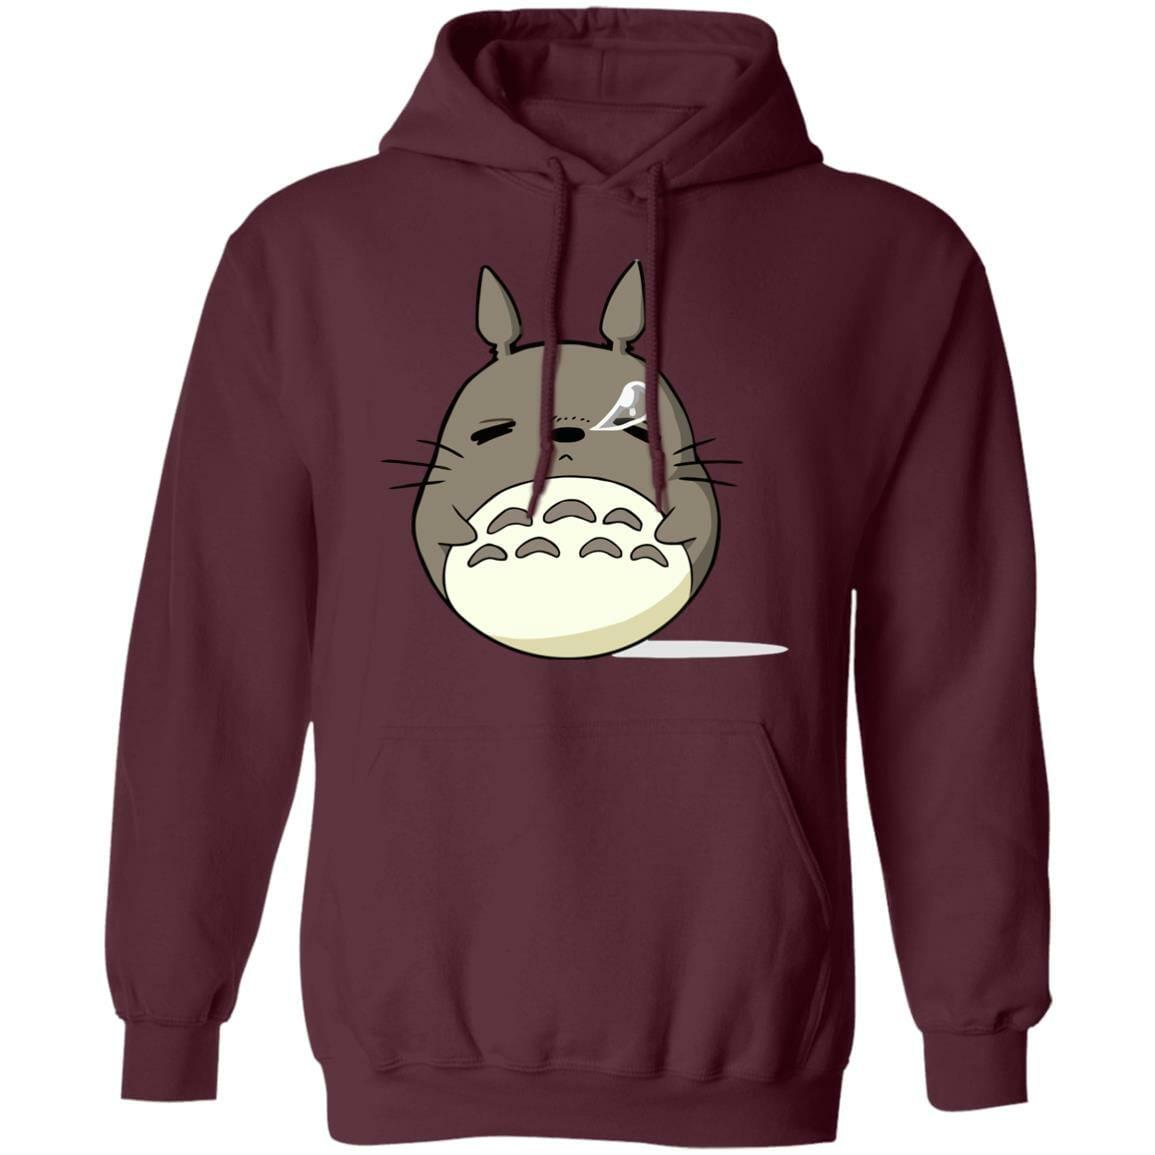 Sleepy Totoro Hoodie